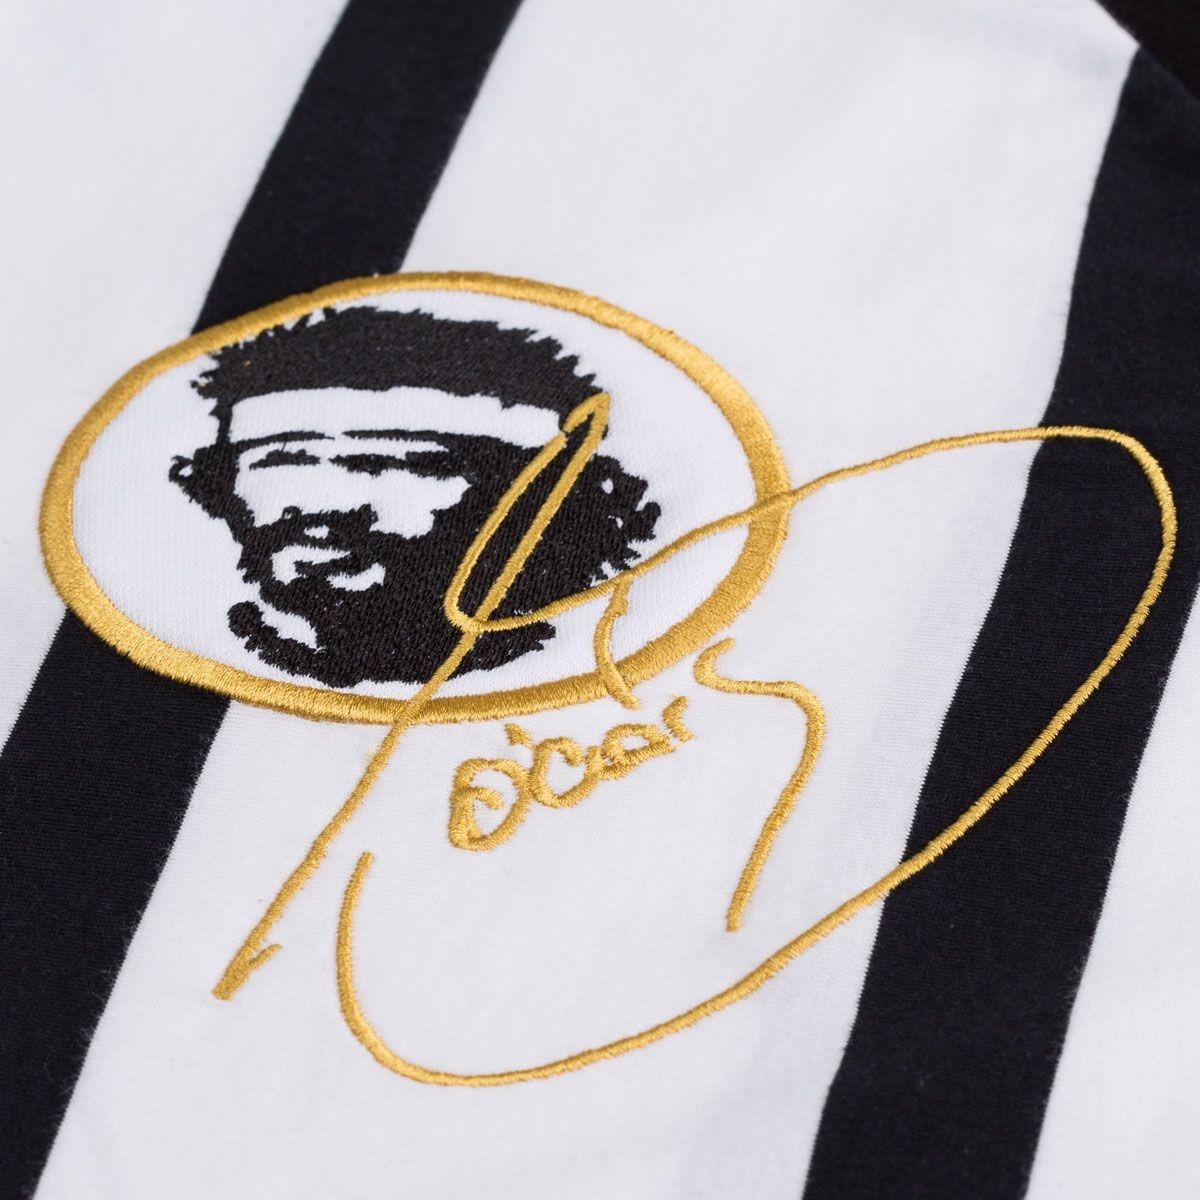 198a976429 camisa corinthians retrô gol réplica sócrates 1983 away. Carregando zoom.